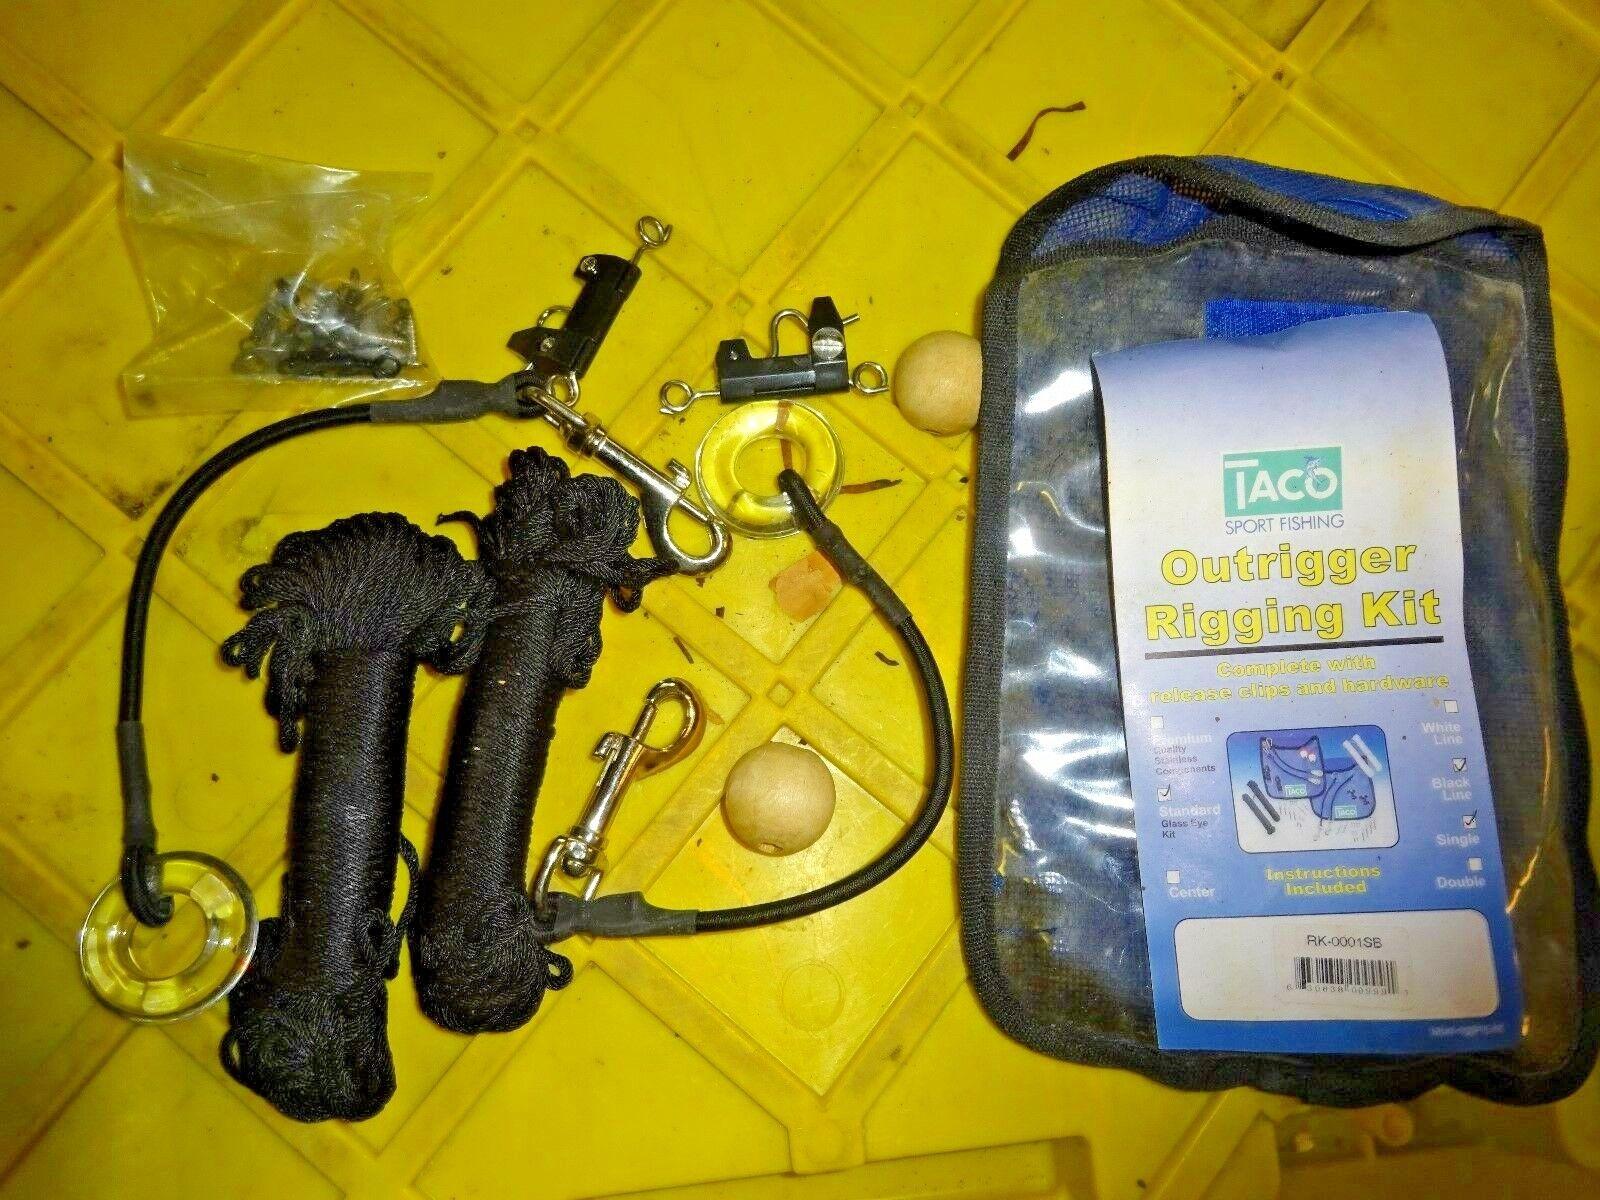 TACO  Standard Rigging Kit f 1-Rig on 2 -Poles   RK-0001SB  outlet on sale